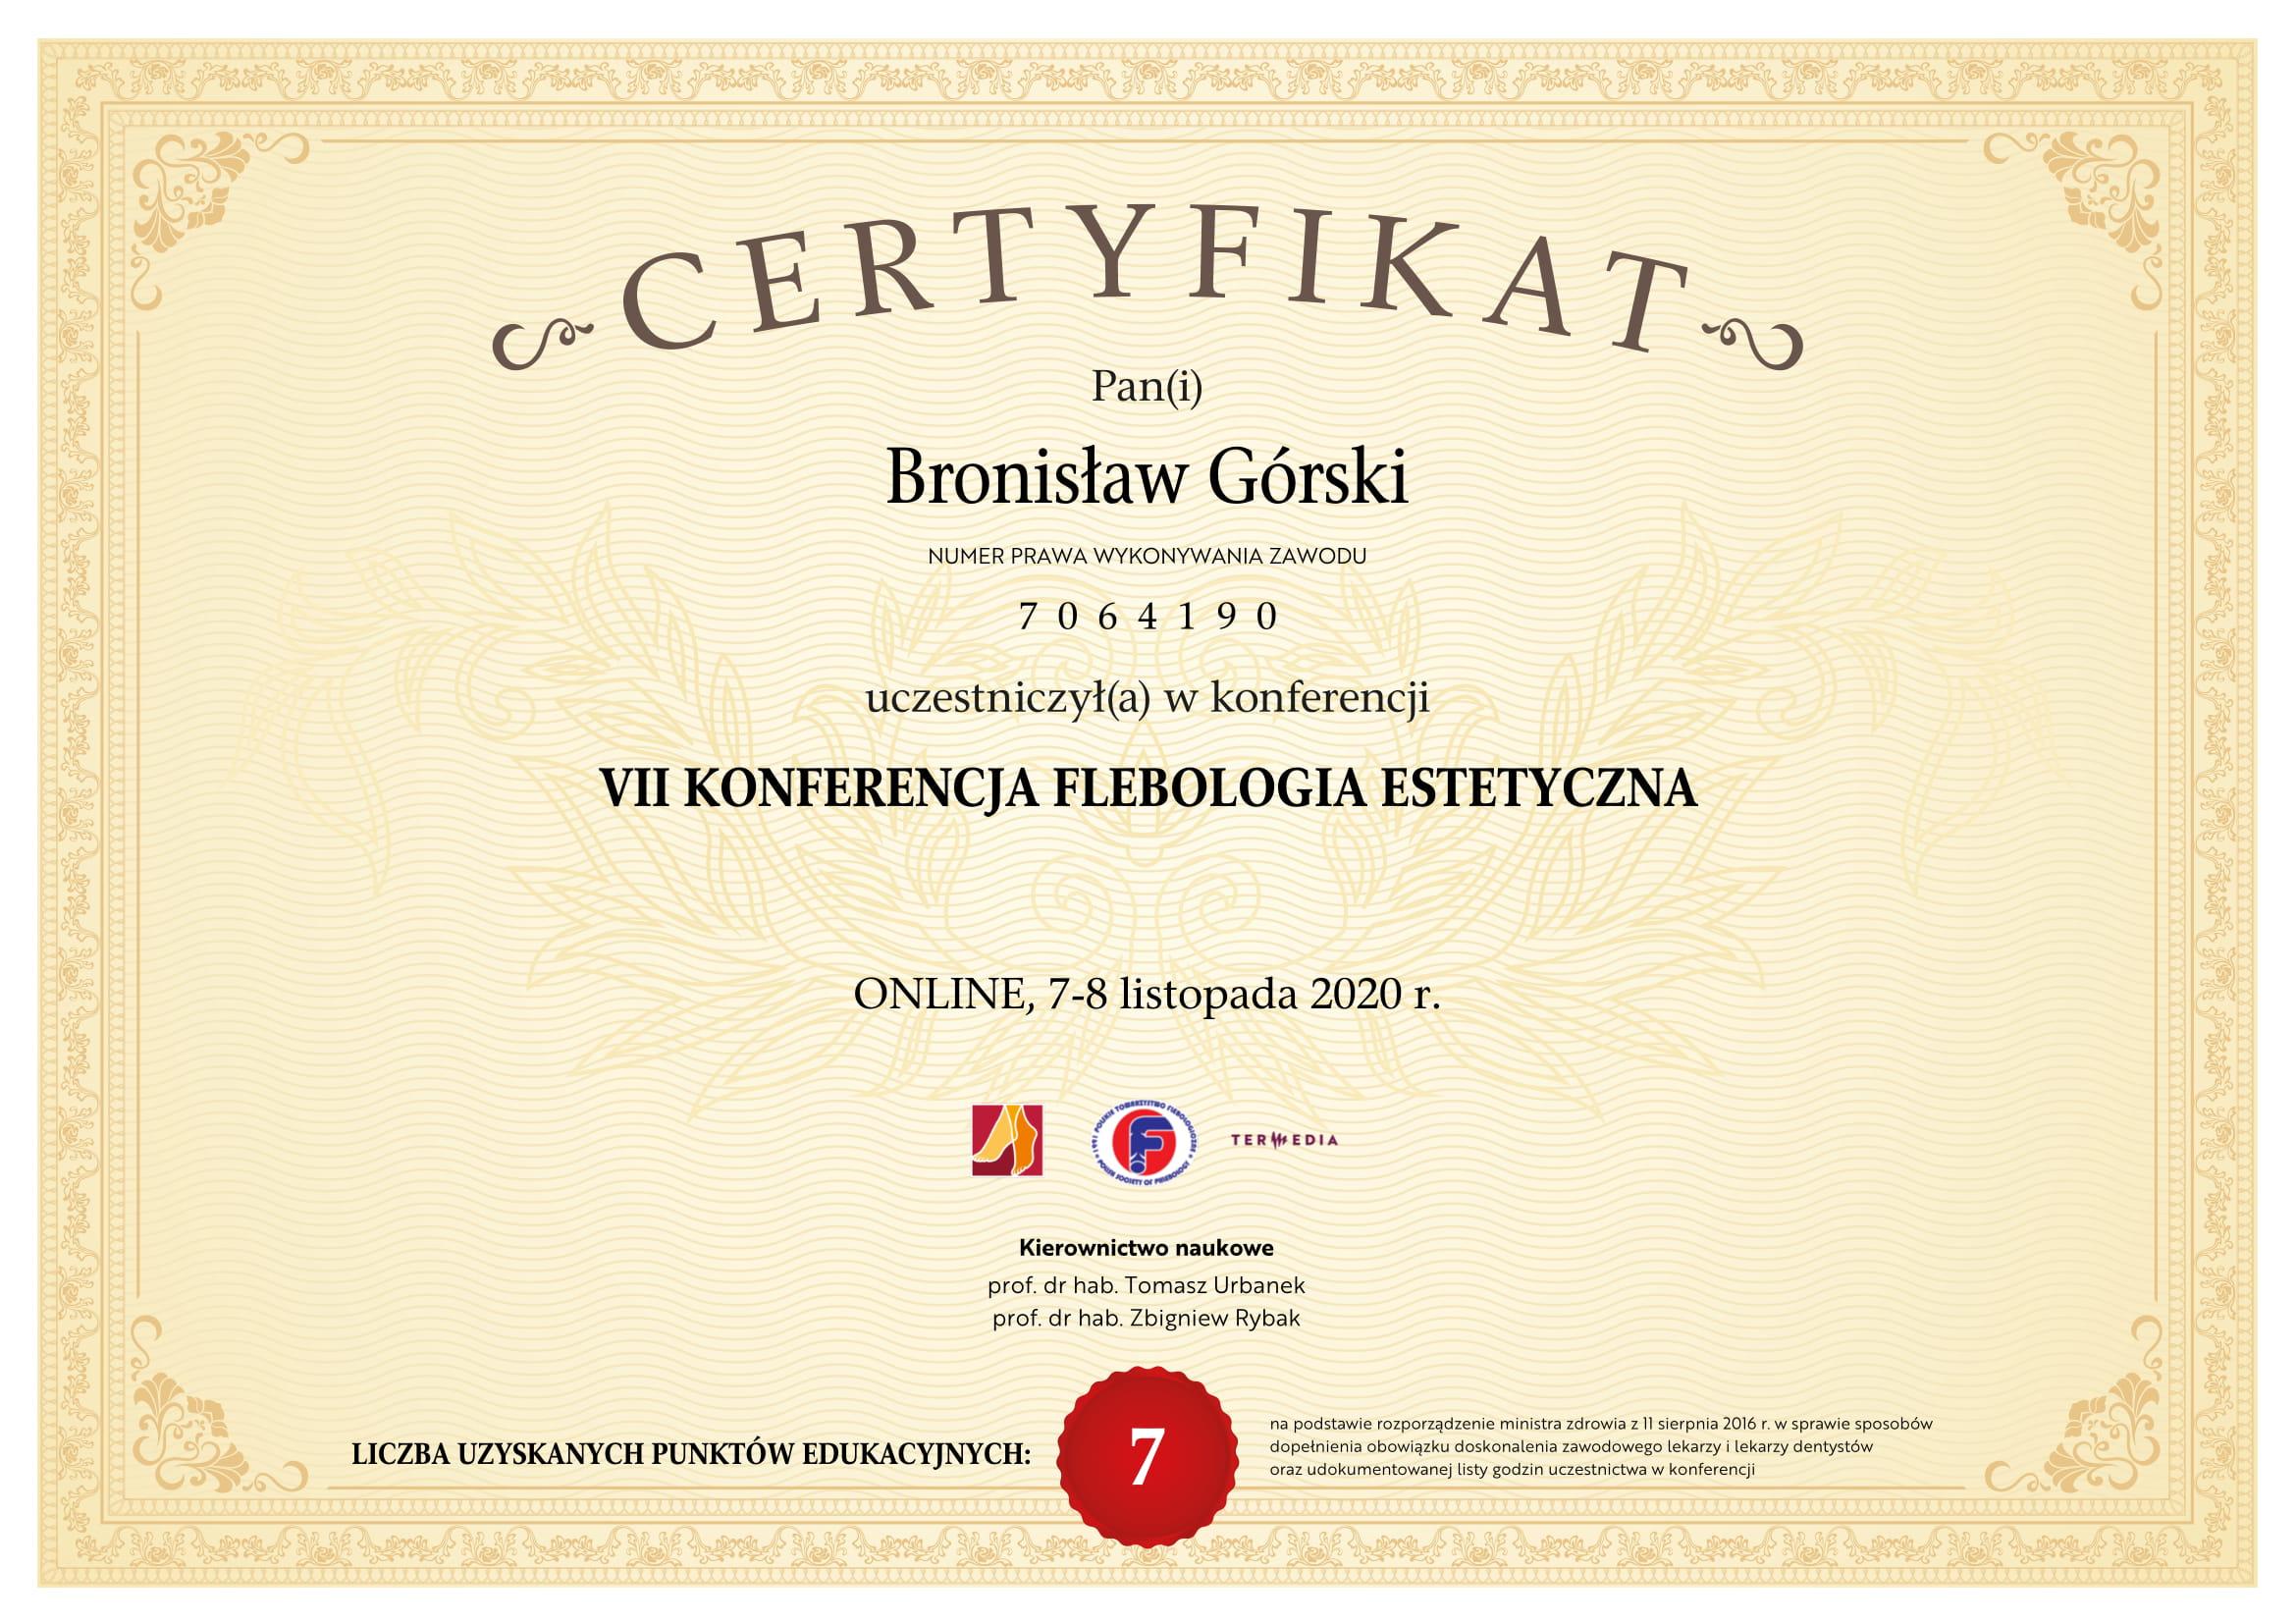 Certyfikat uczestnictwa w VII konferencja flebologia estetyczna